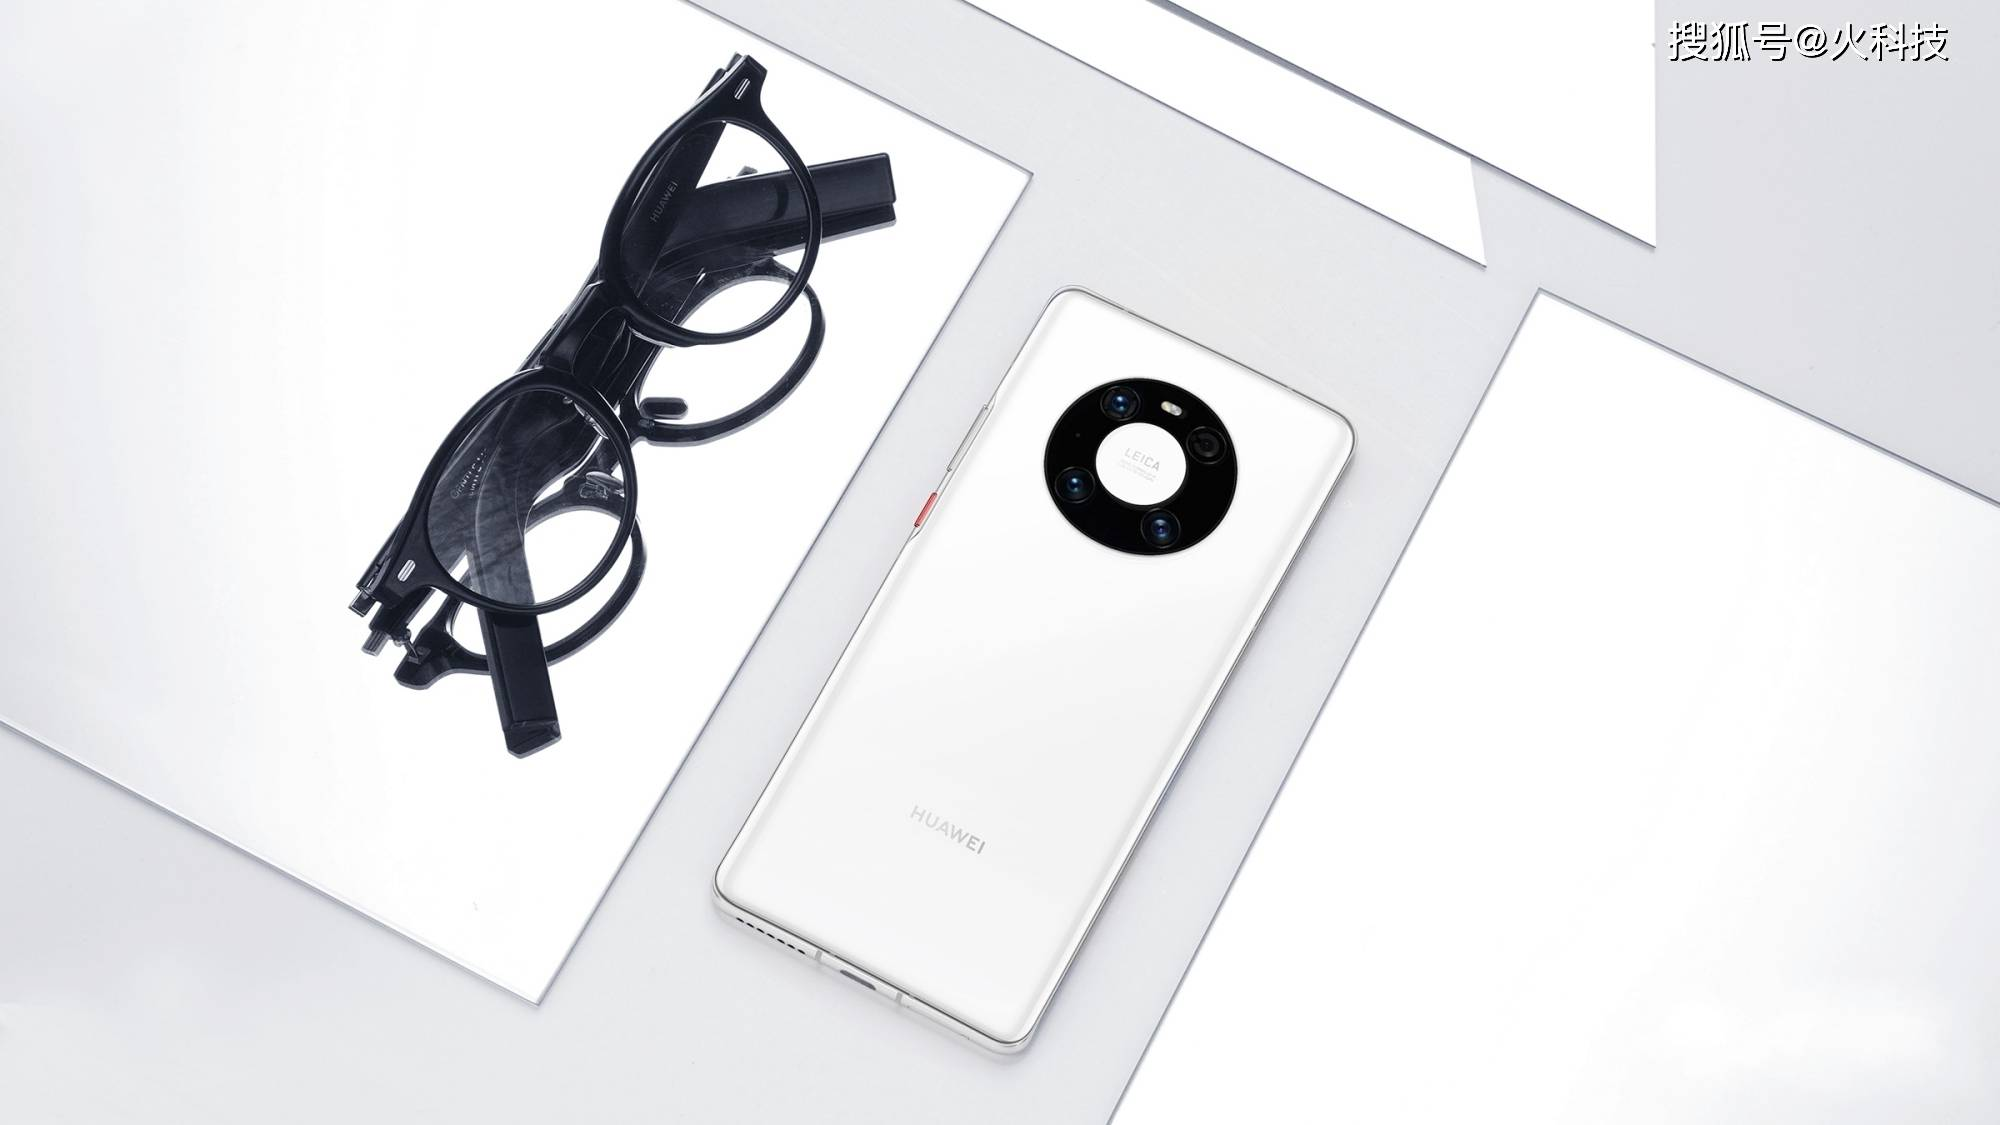 雙12華為手機不能亂選擇,盤點2020年度最值得選